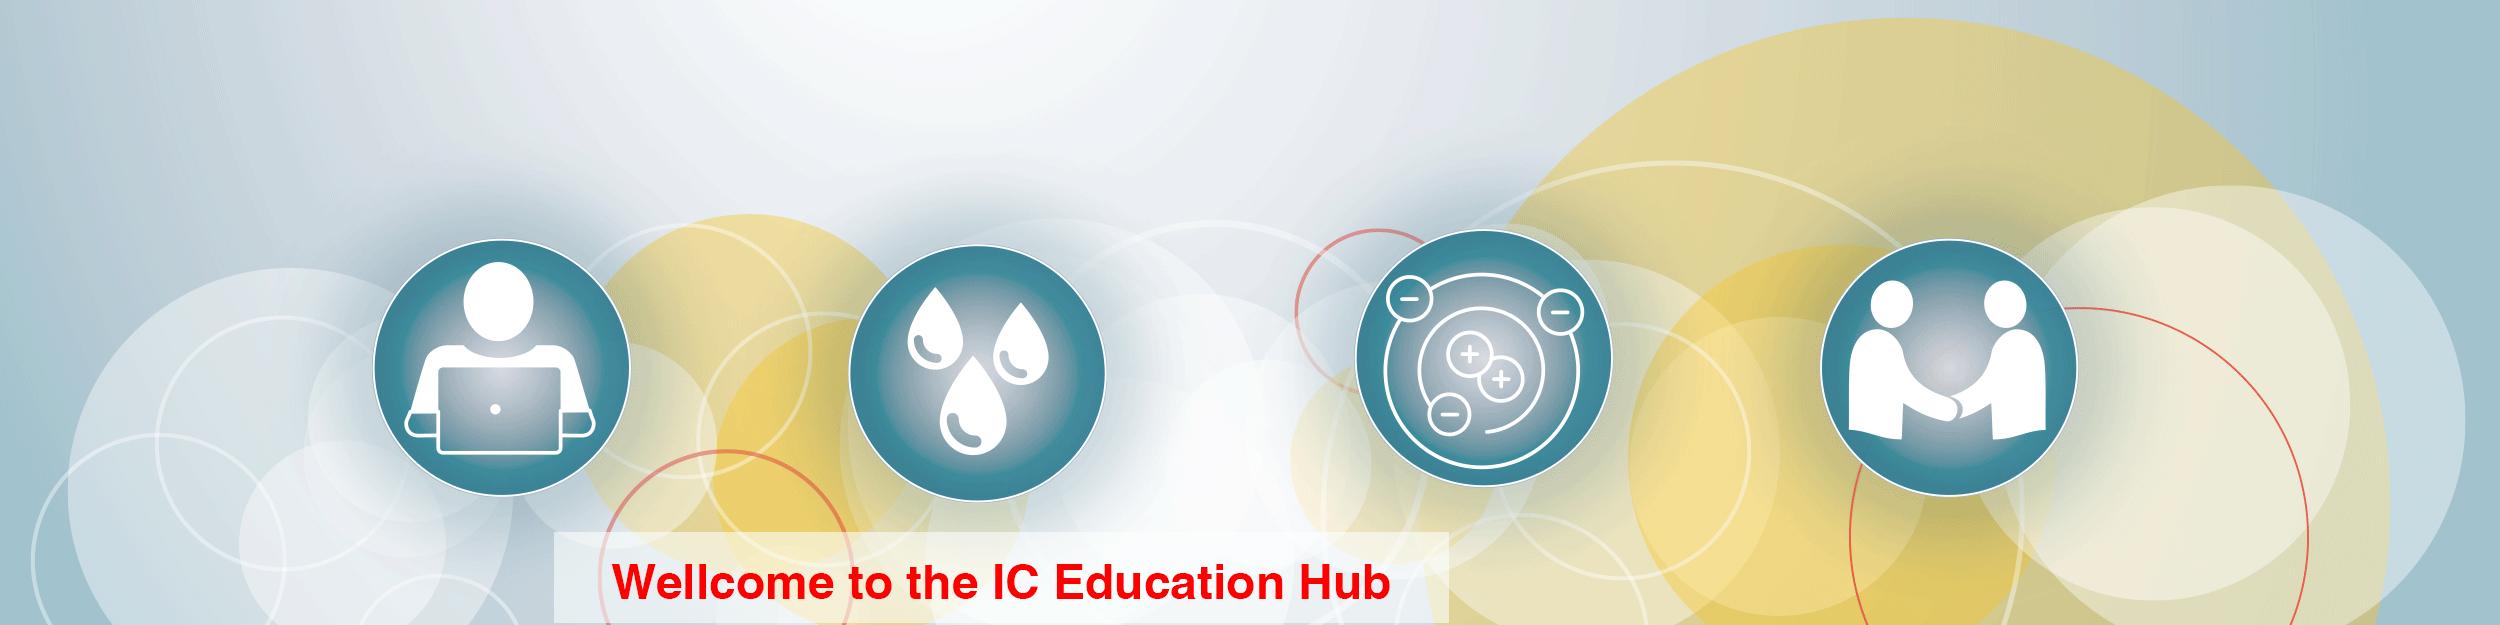 IC-education-Hub-slide